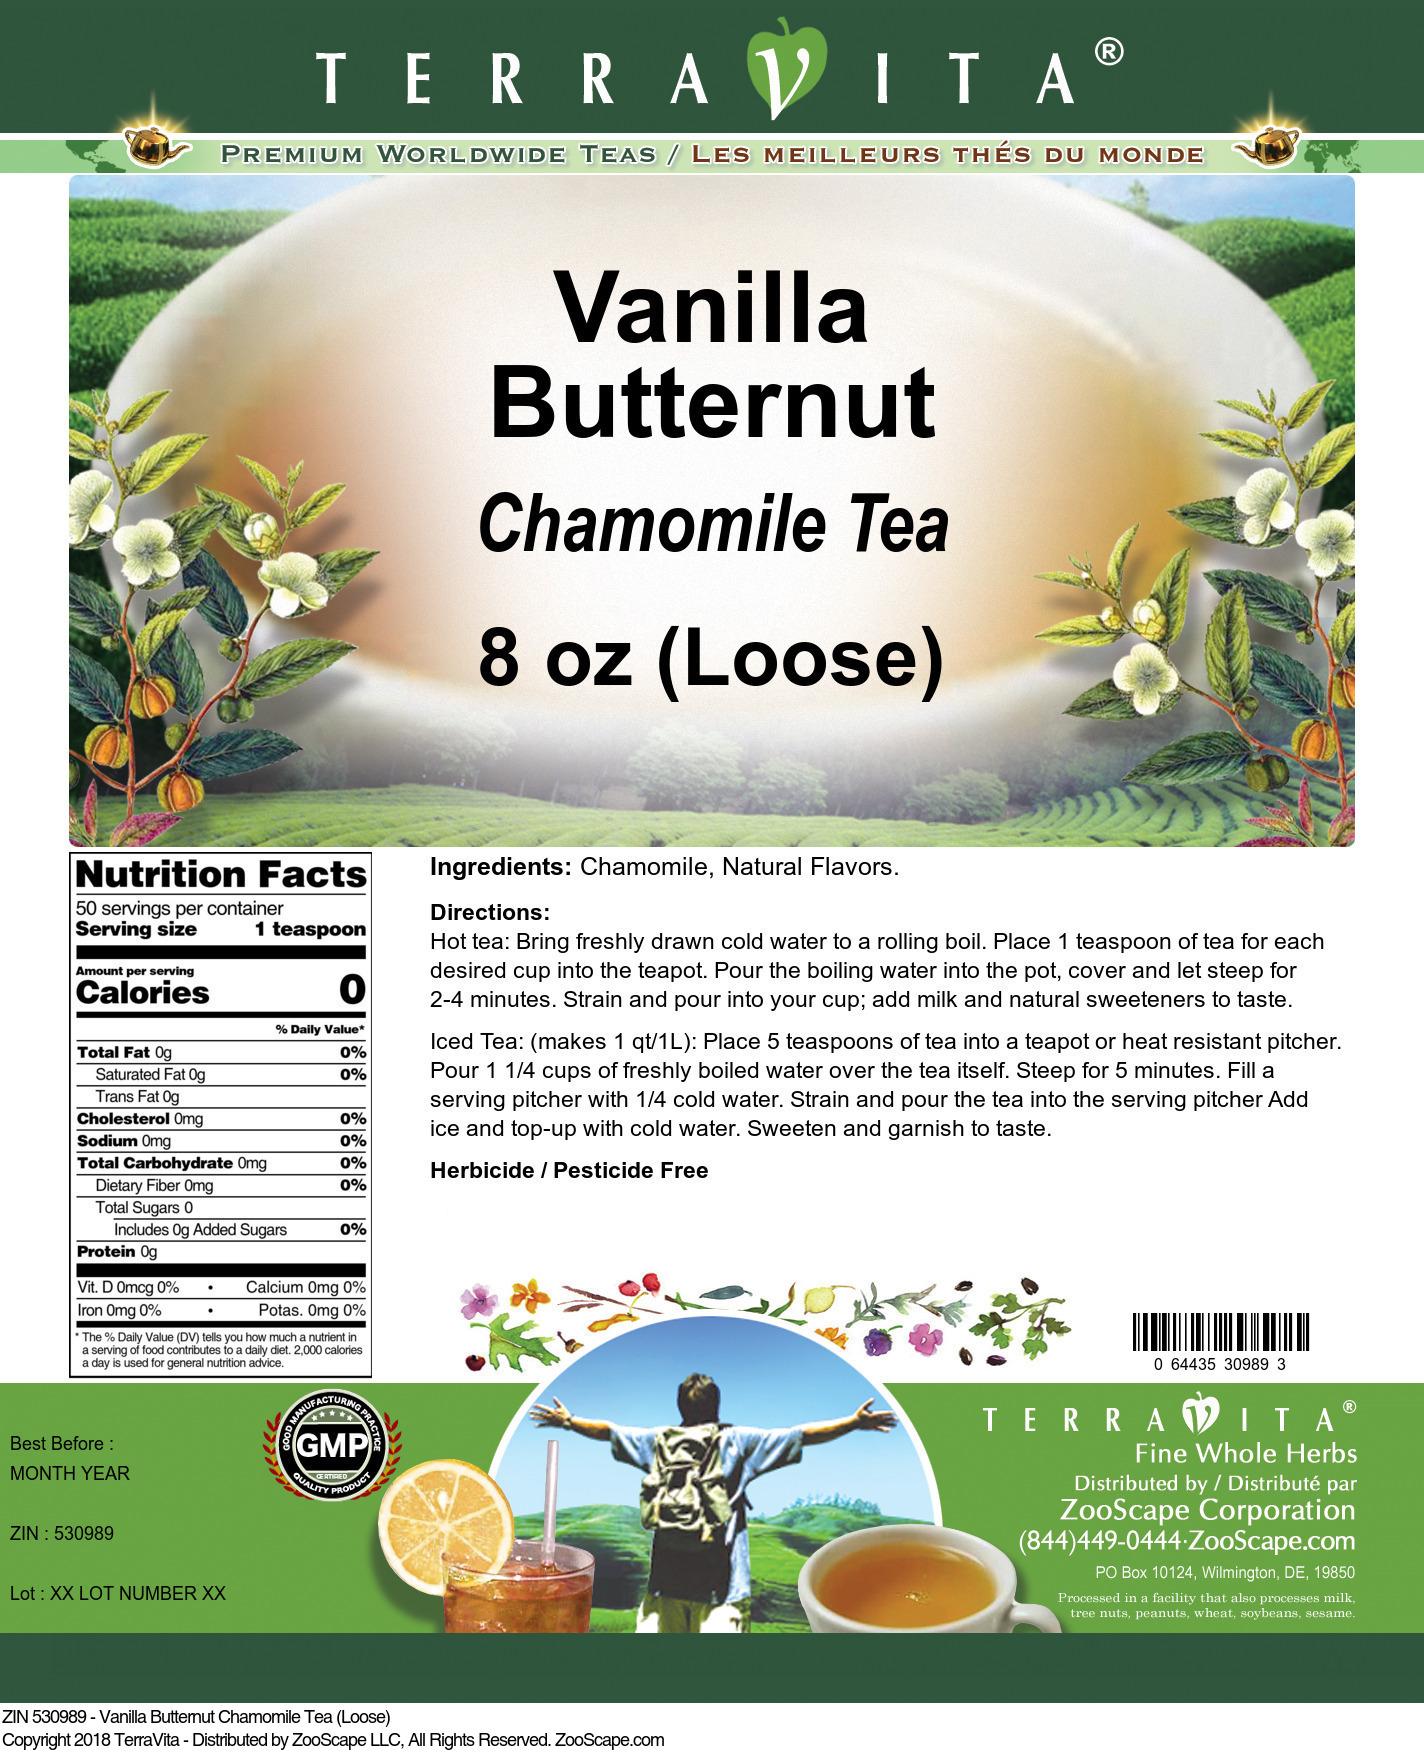 Vanilla Butternut Chamomile Tea